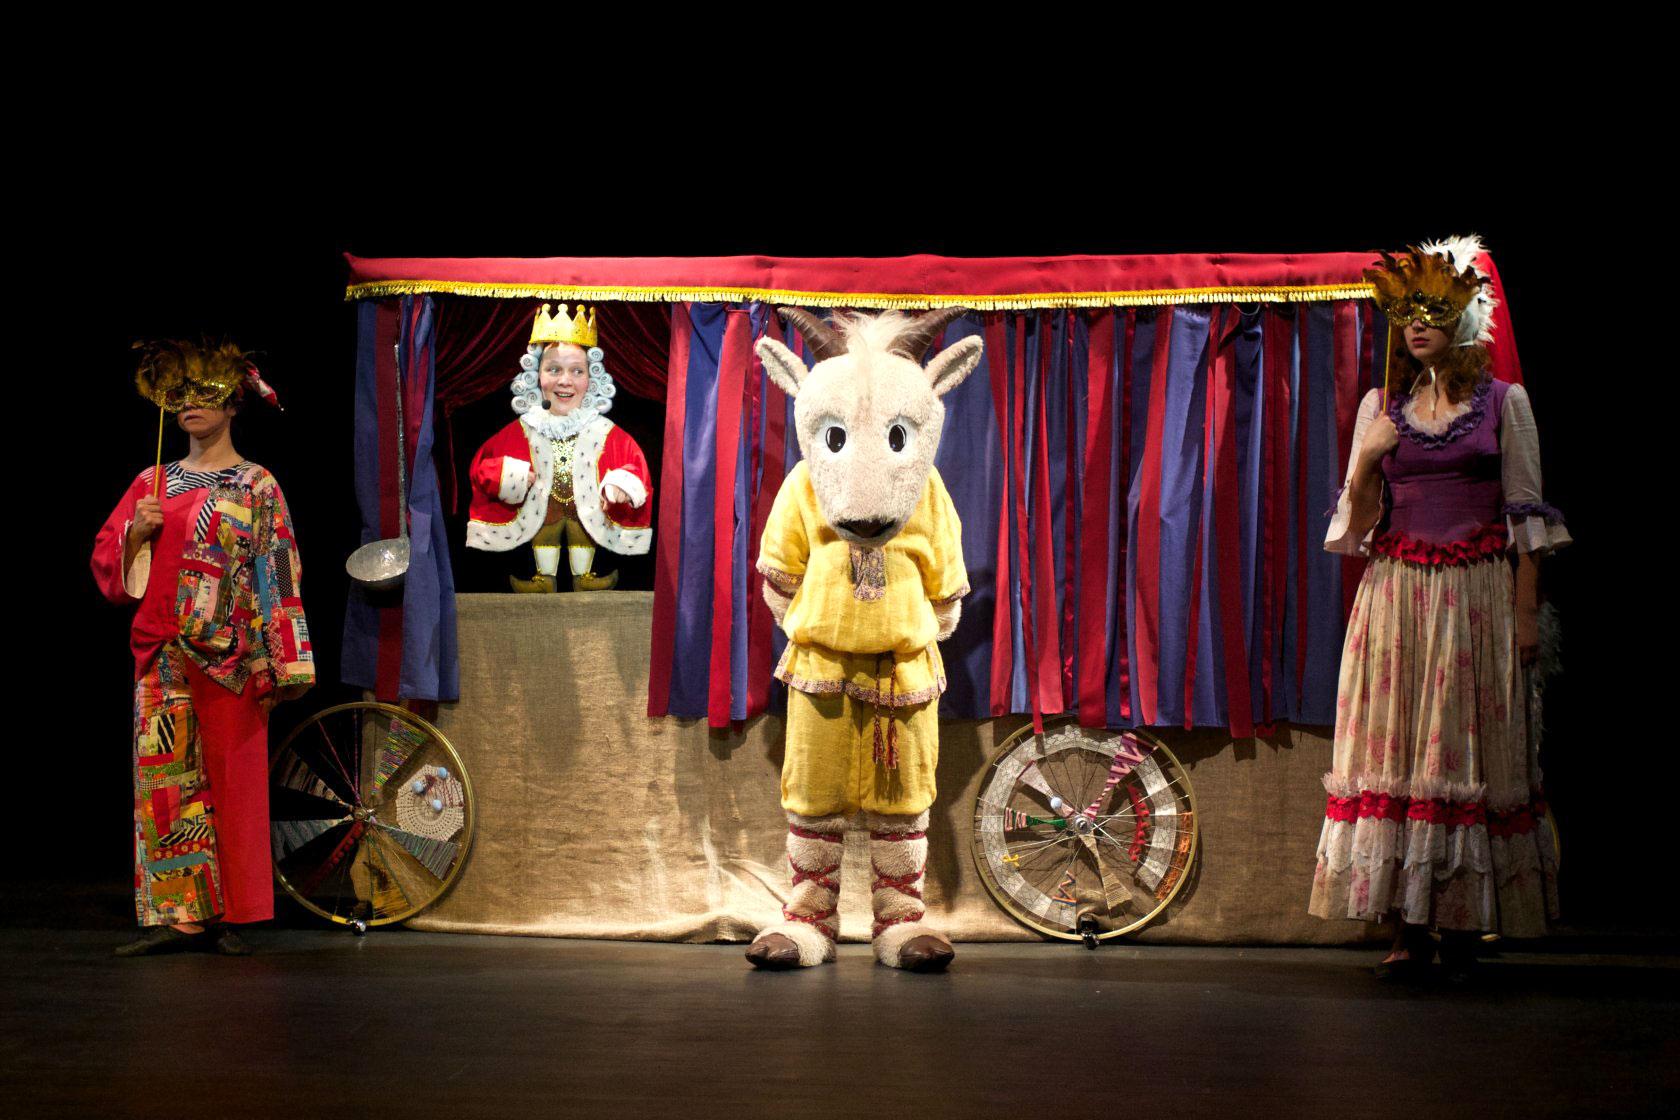 театр тантамаресок картинки целом